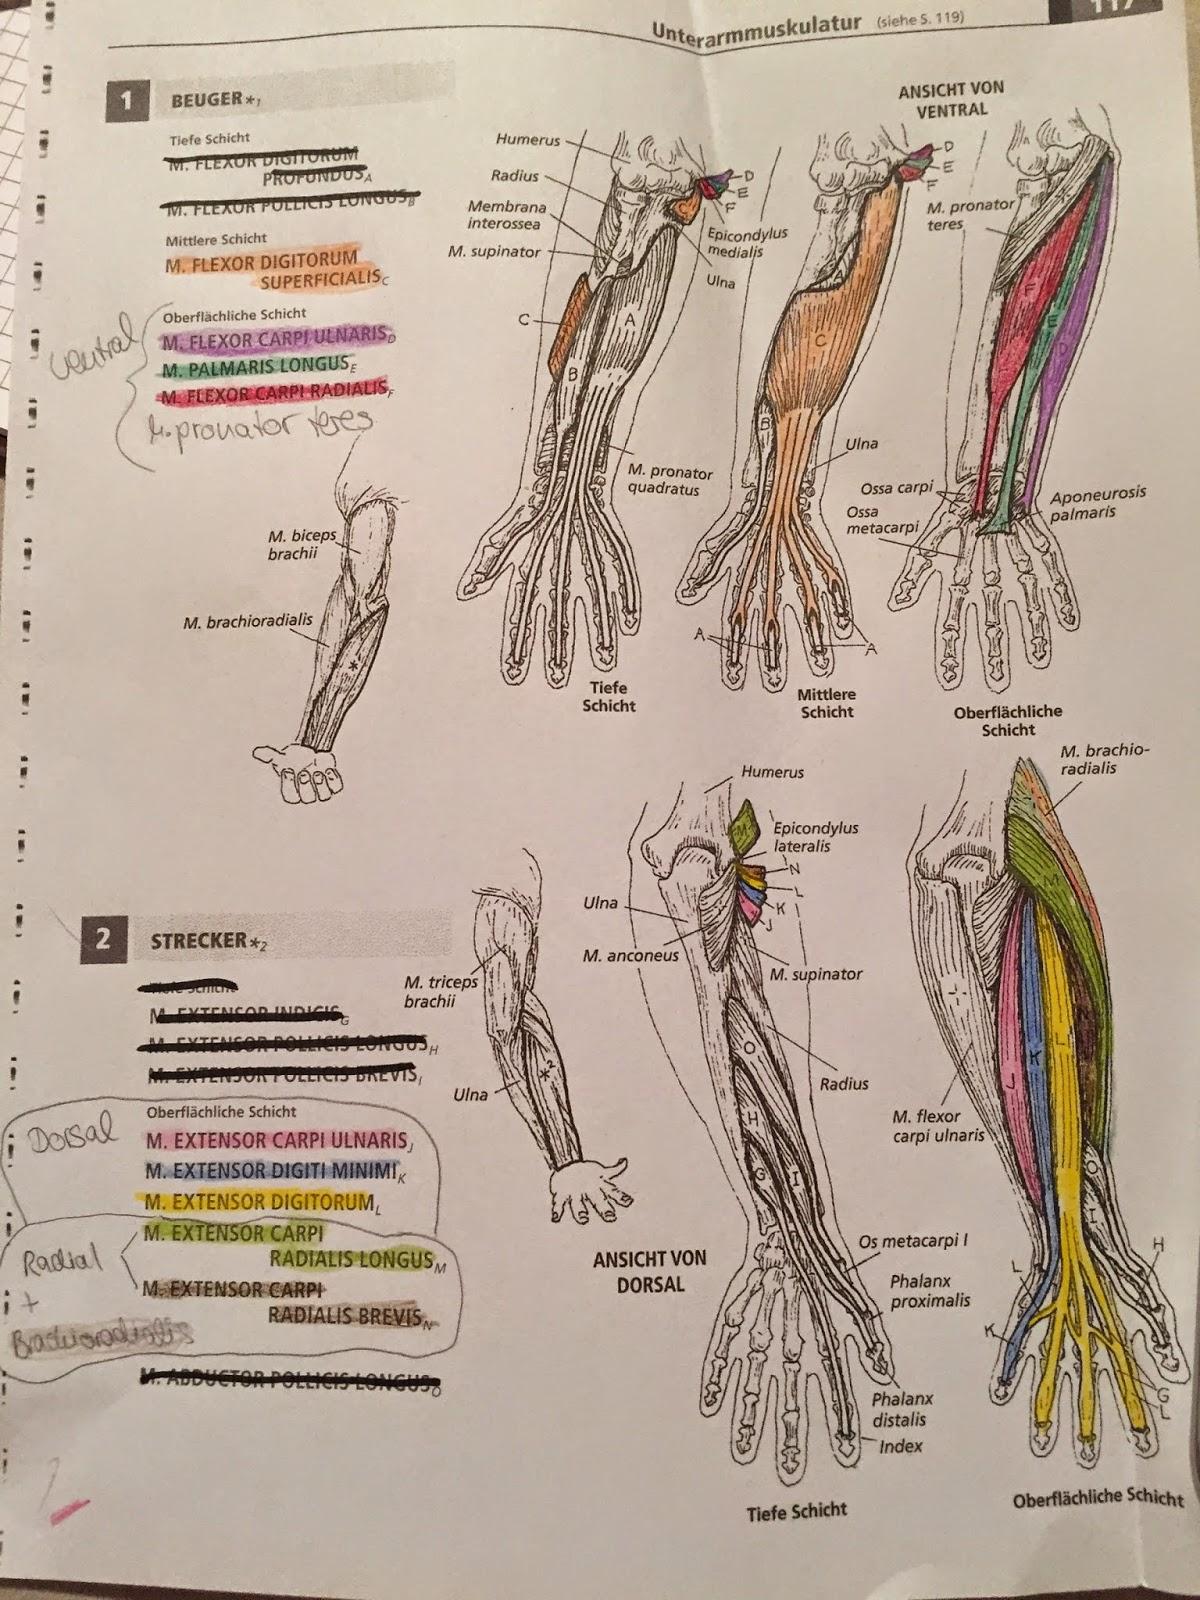 Ziemlich Beste Anatomie Und Physiologie Malbuch Bilder - Malvorlagen ...